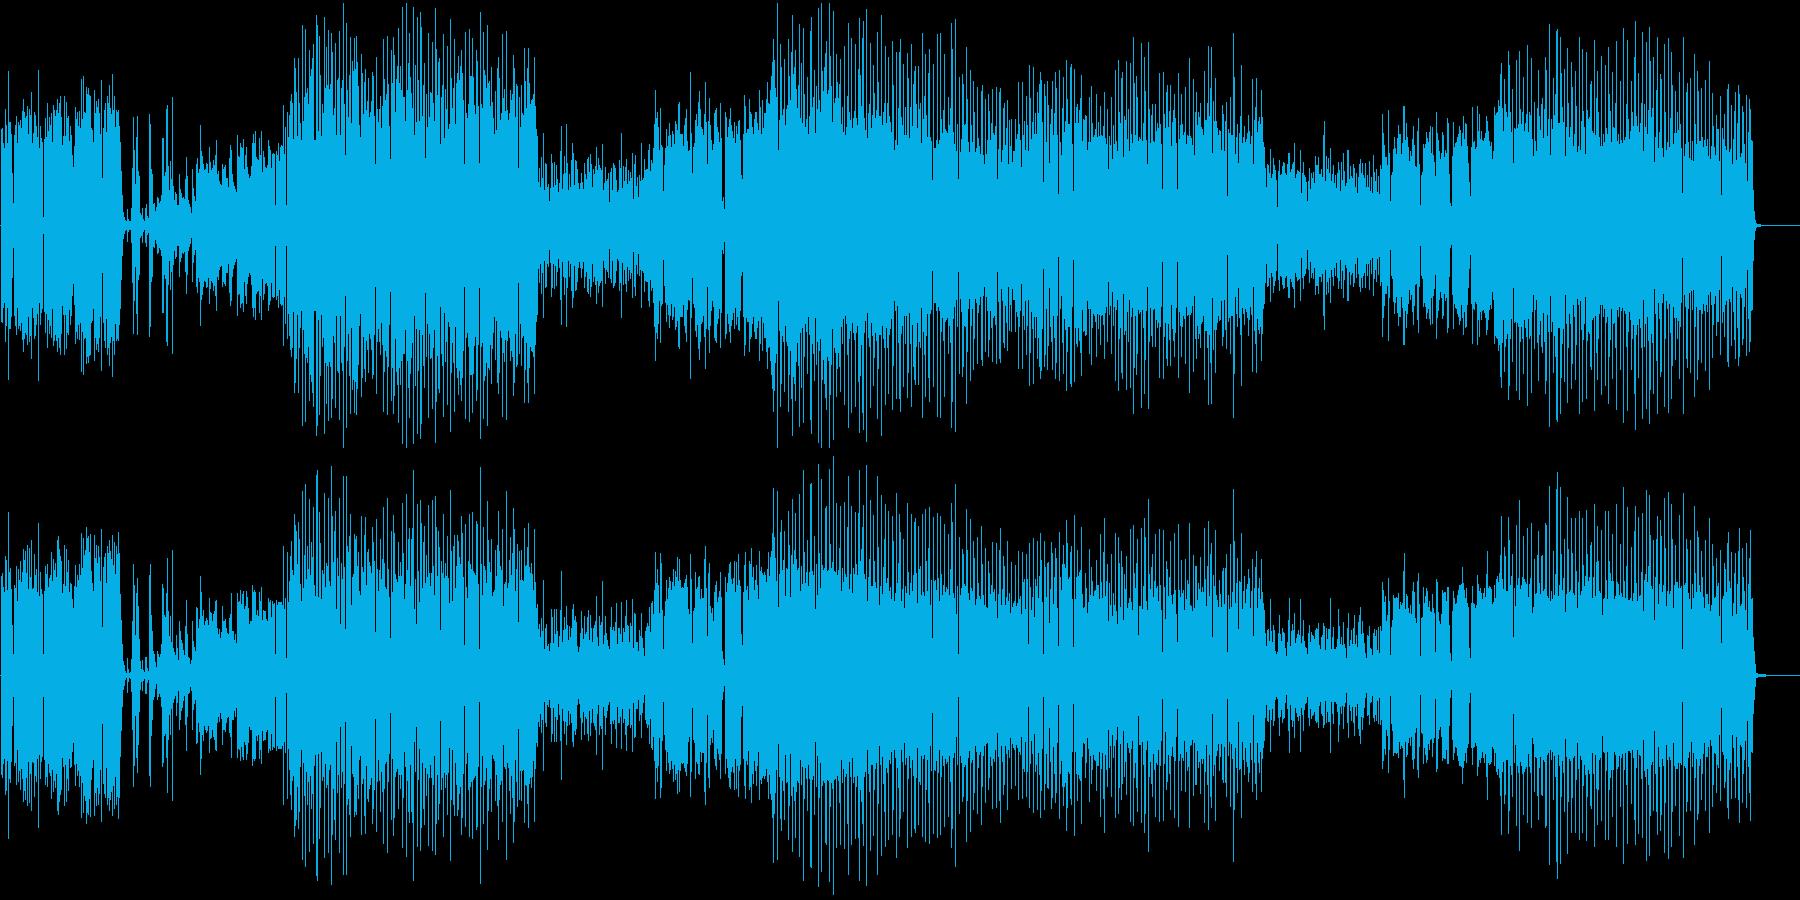 宇宙をイメージした奥行きあるBGMです。の再生済みの波形